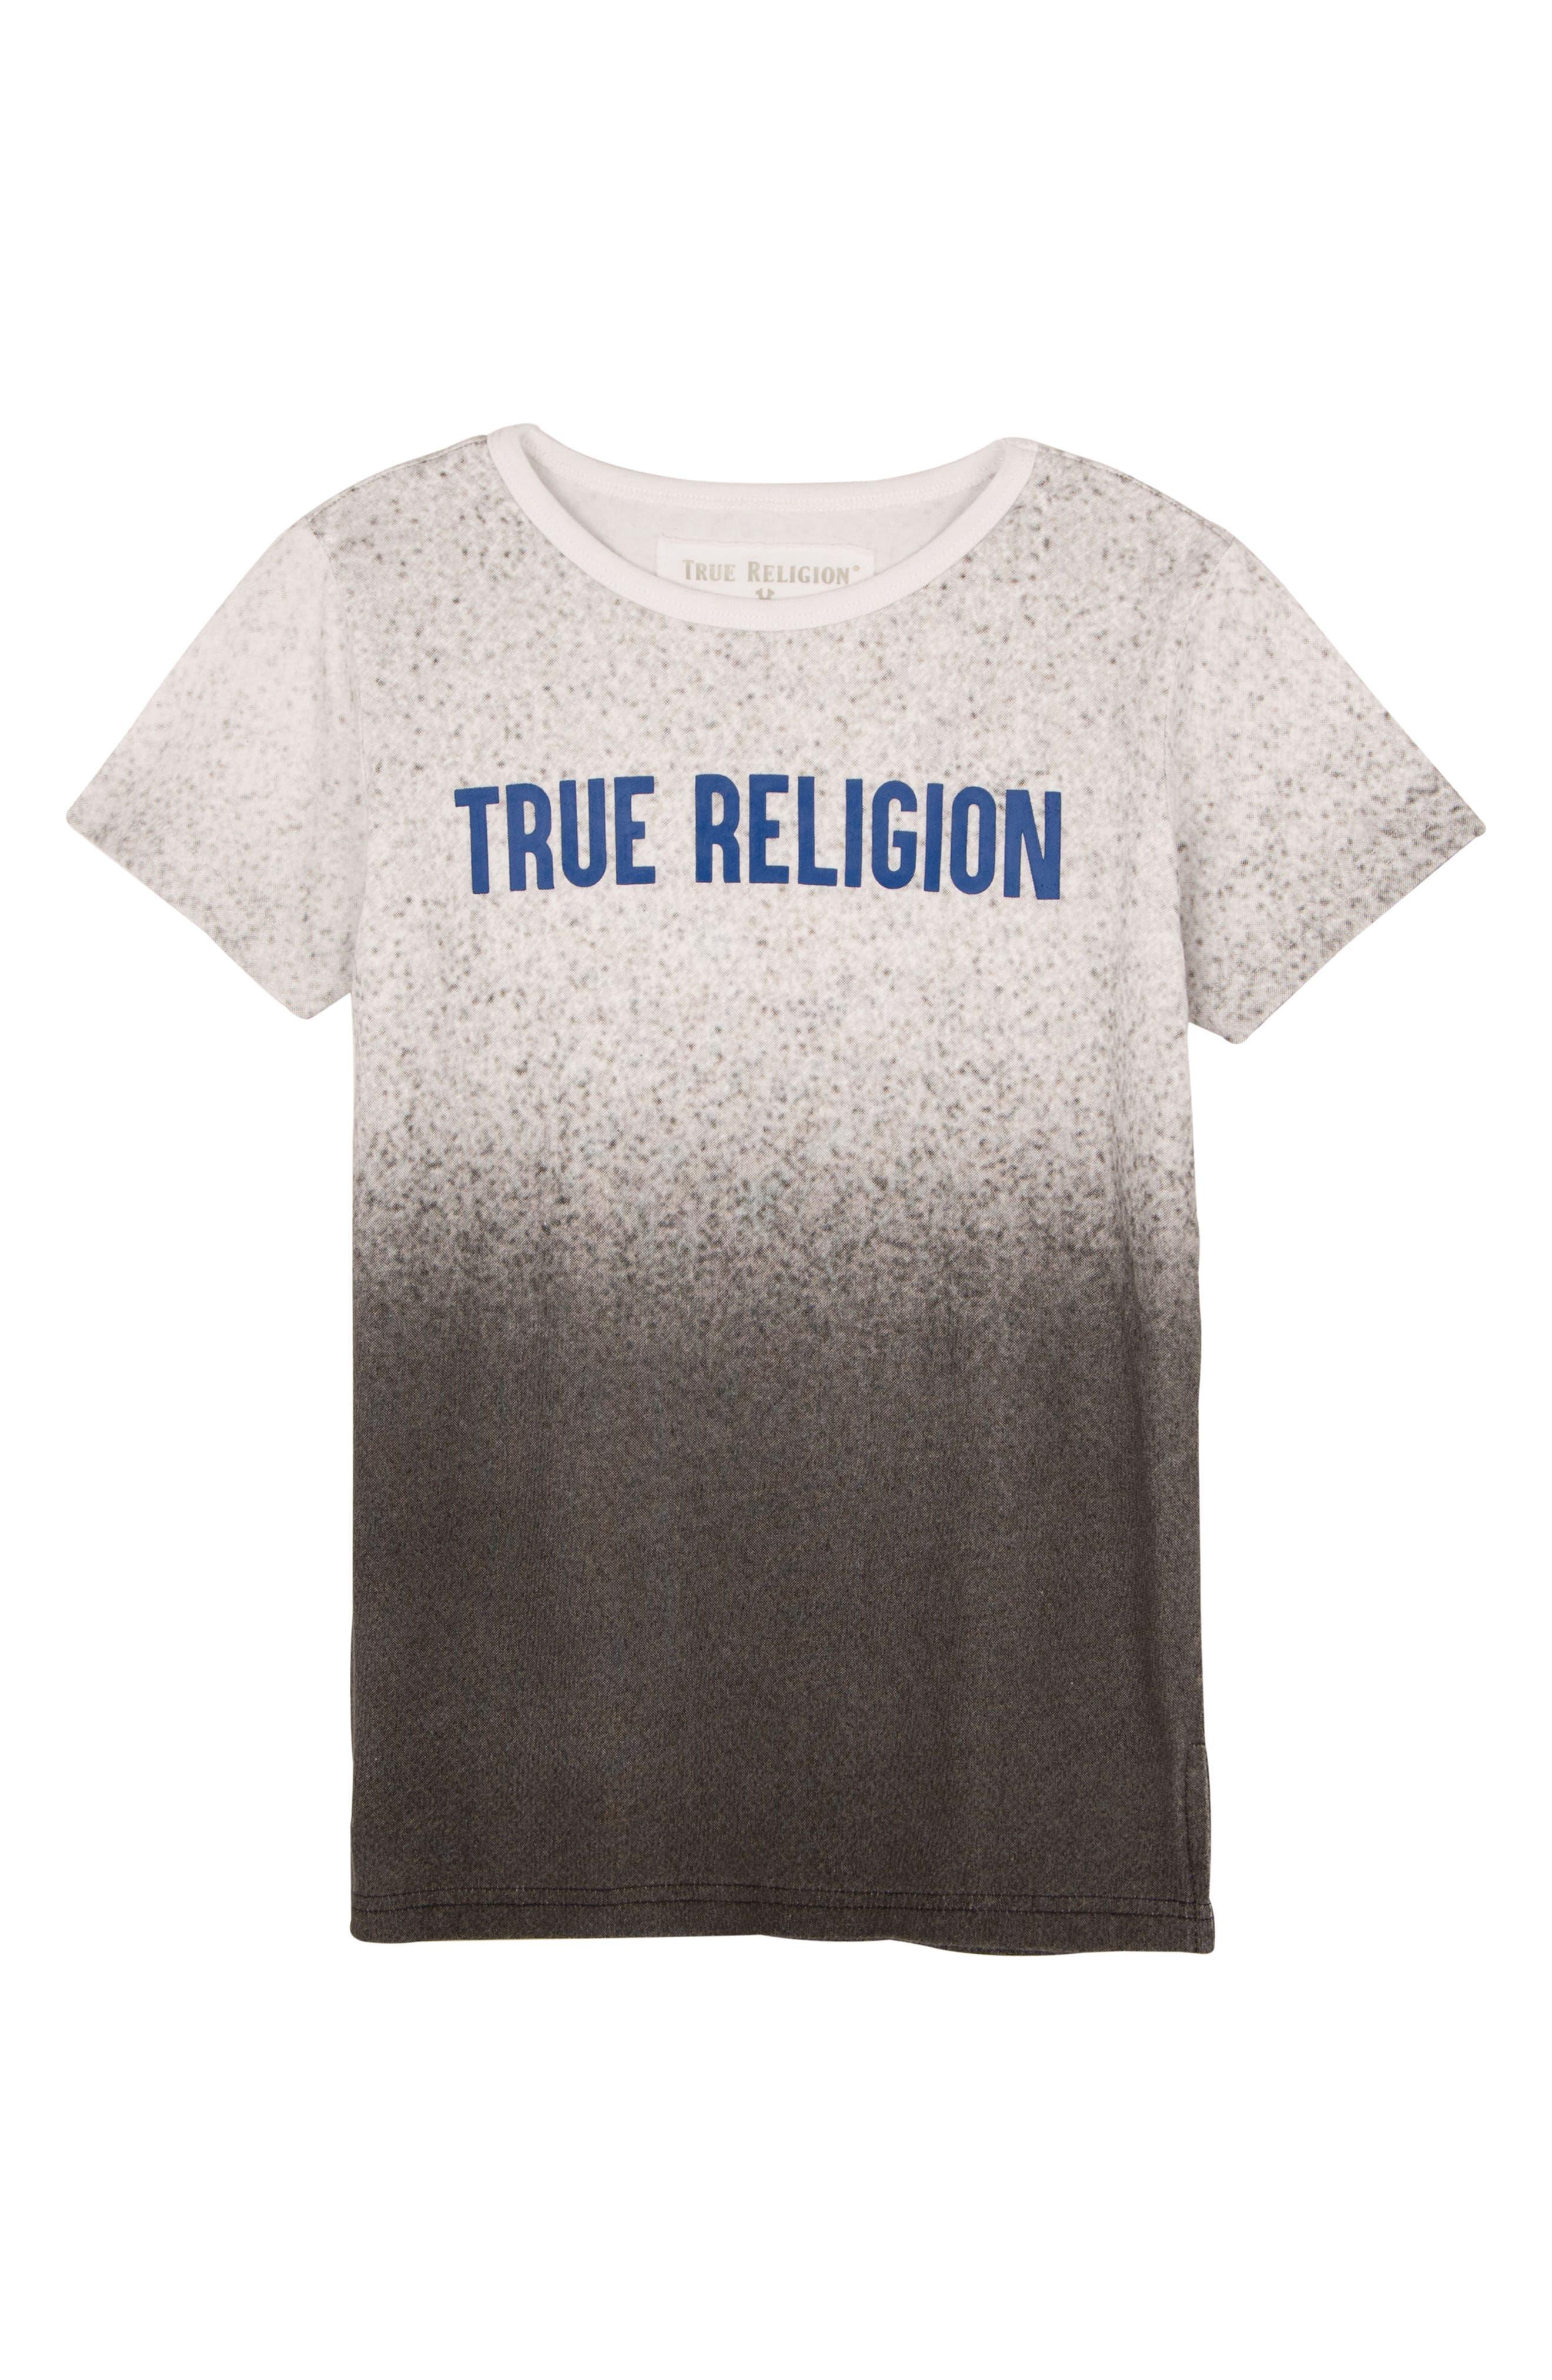 Speckle Gradient T-Shirt,                             Main thumbnail 1, color,                             WHITE